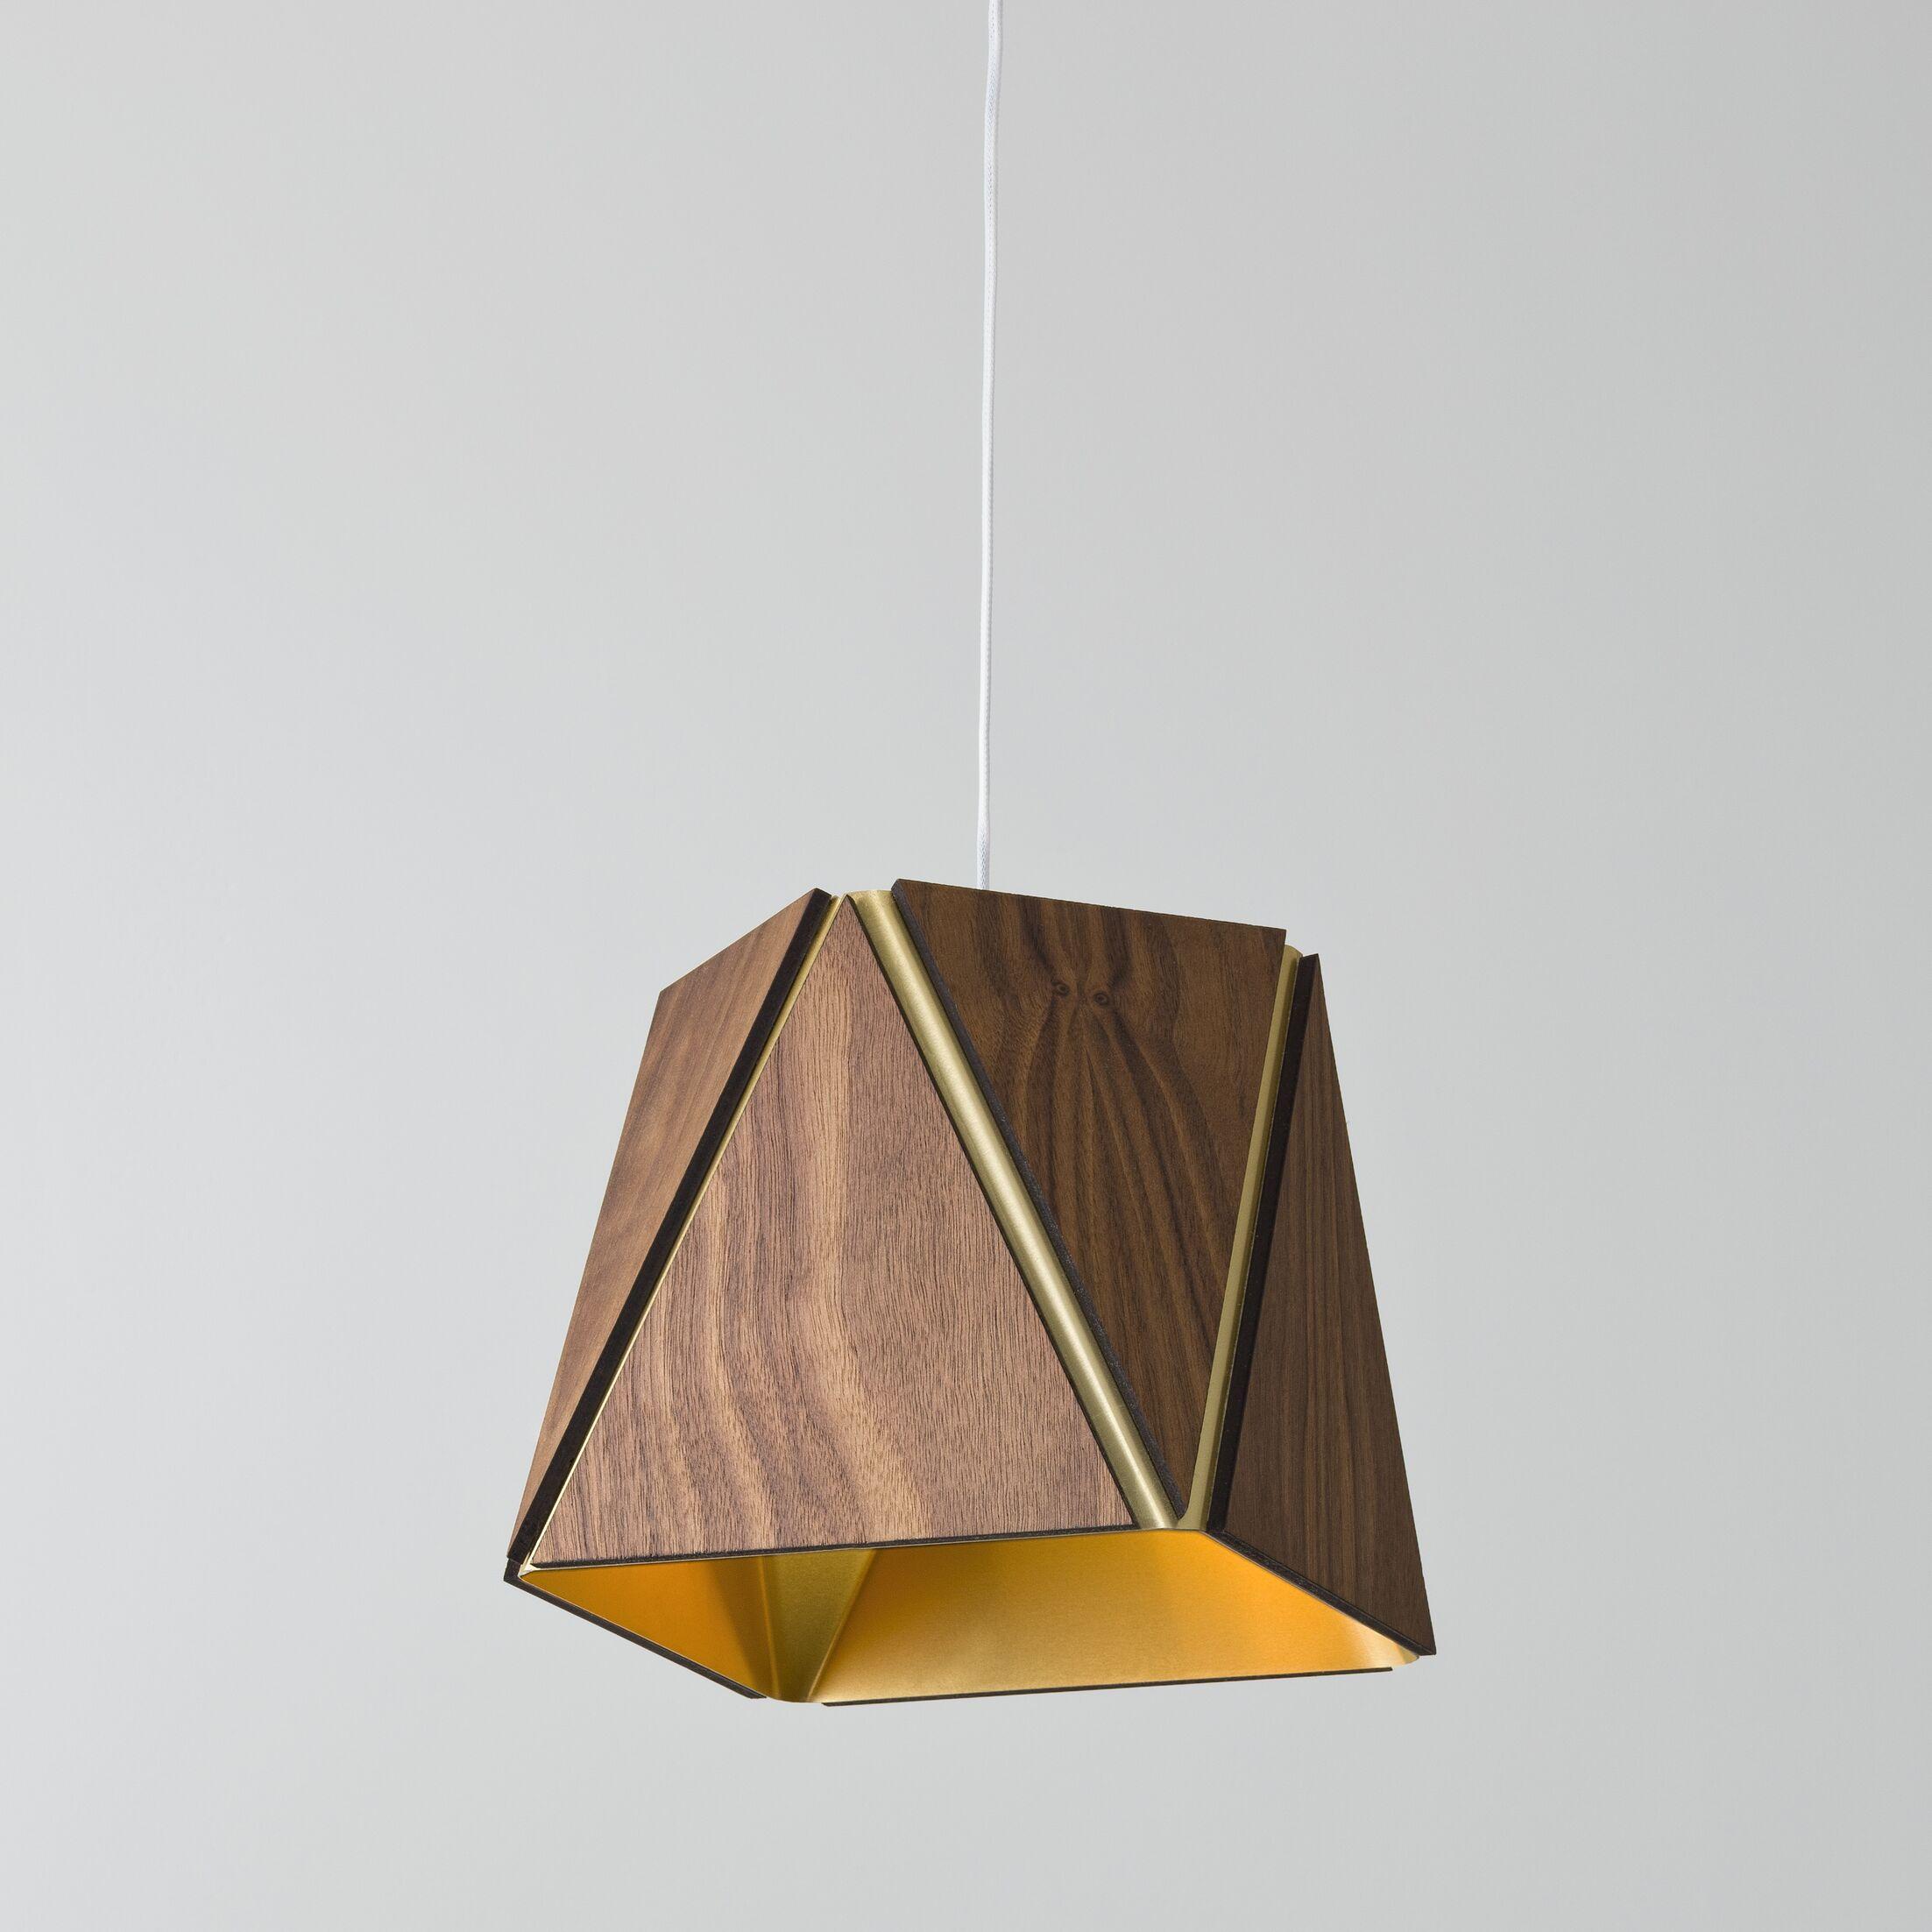 Calx 1-Light  LED Drum Pendant Finish: Oiled Walnut/Brushed Brass